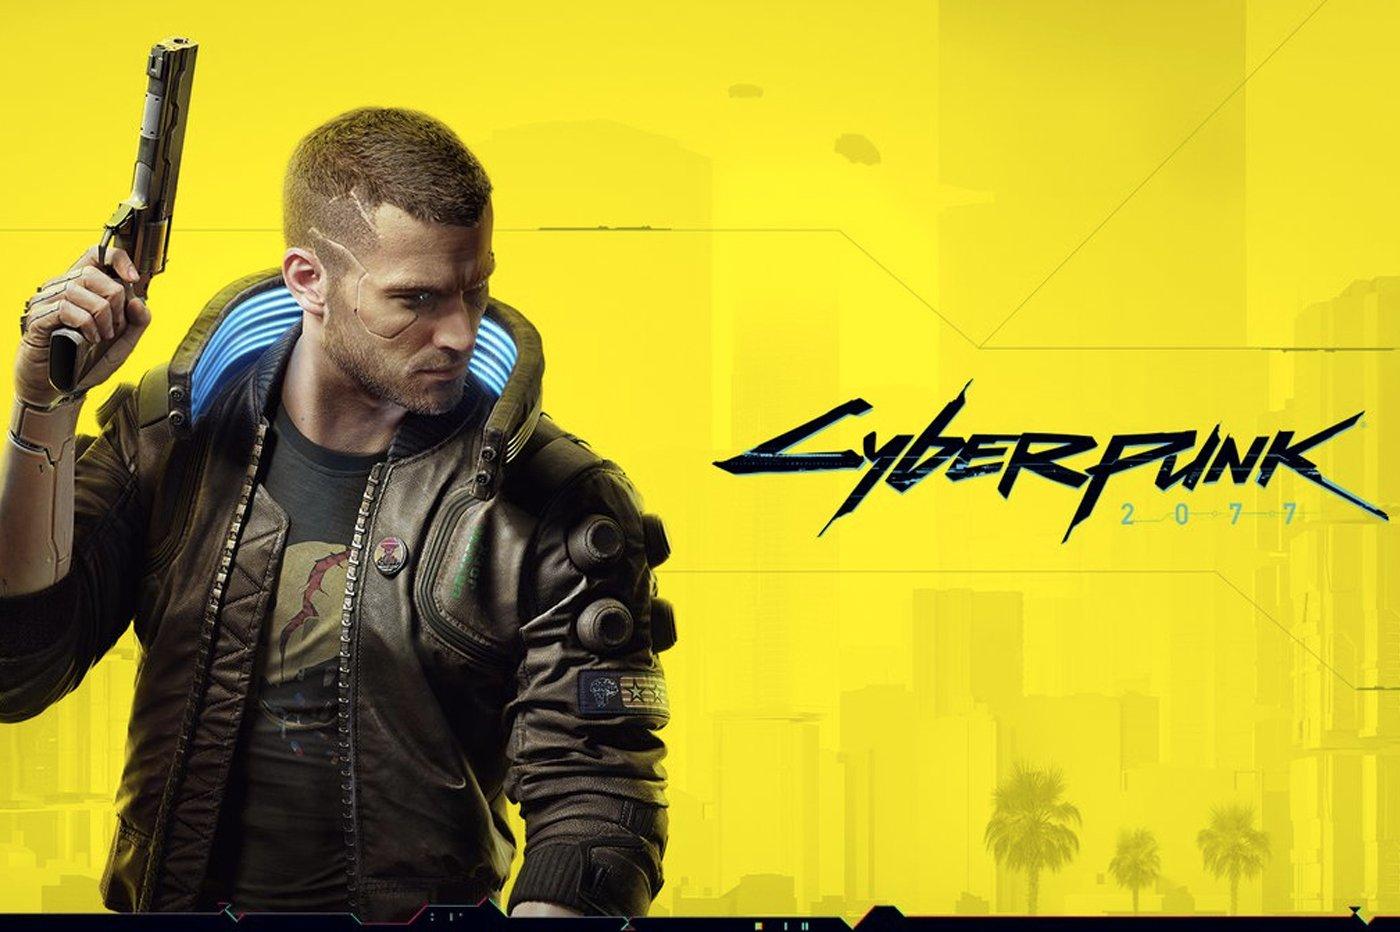 Nous avons vu Cyberpunk 2077 à l'E3 2019